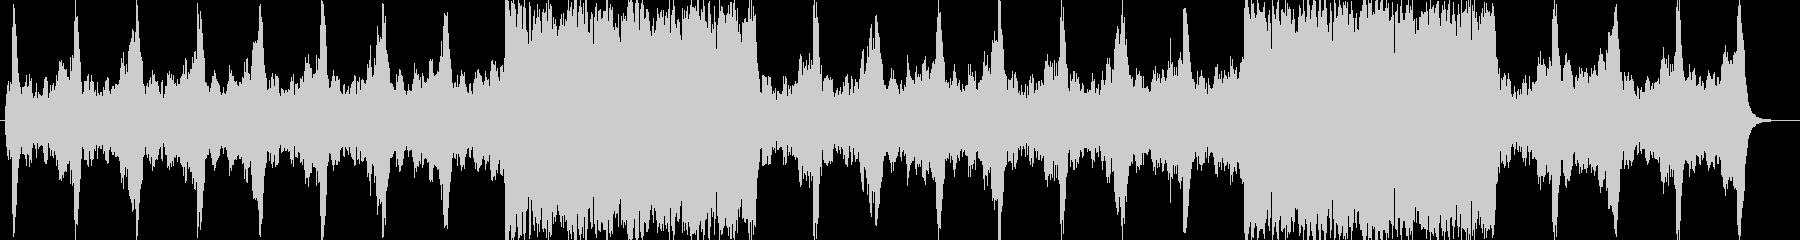 壮大で旋律のオーケストラサウンドの未再生の波形